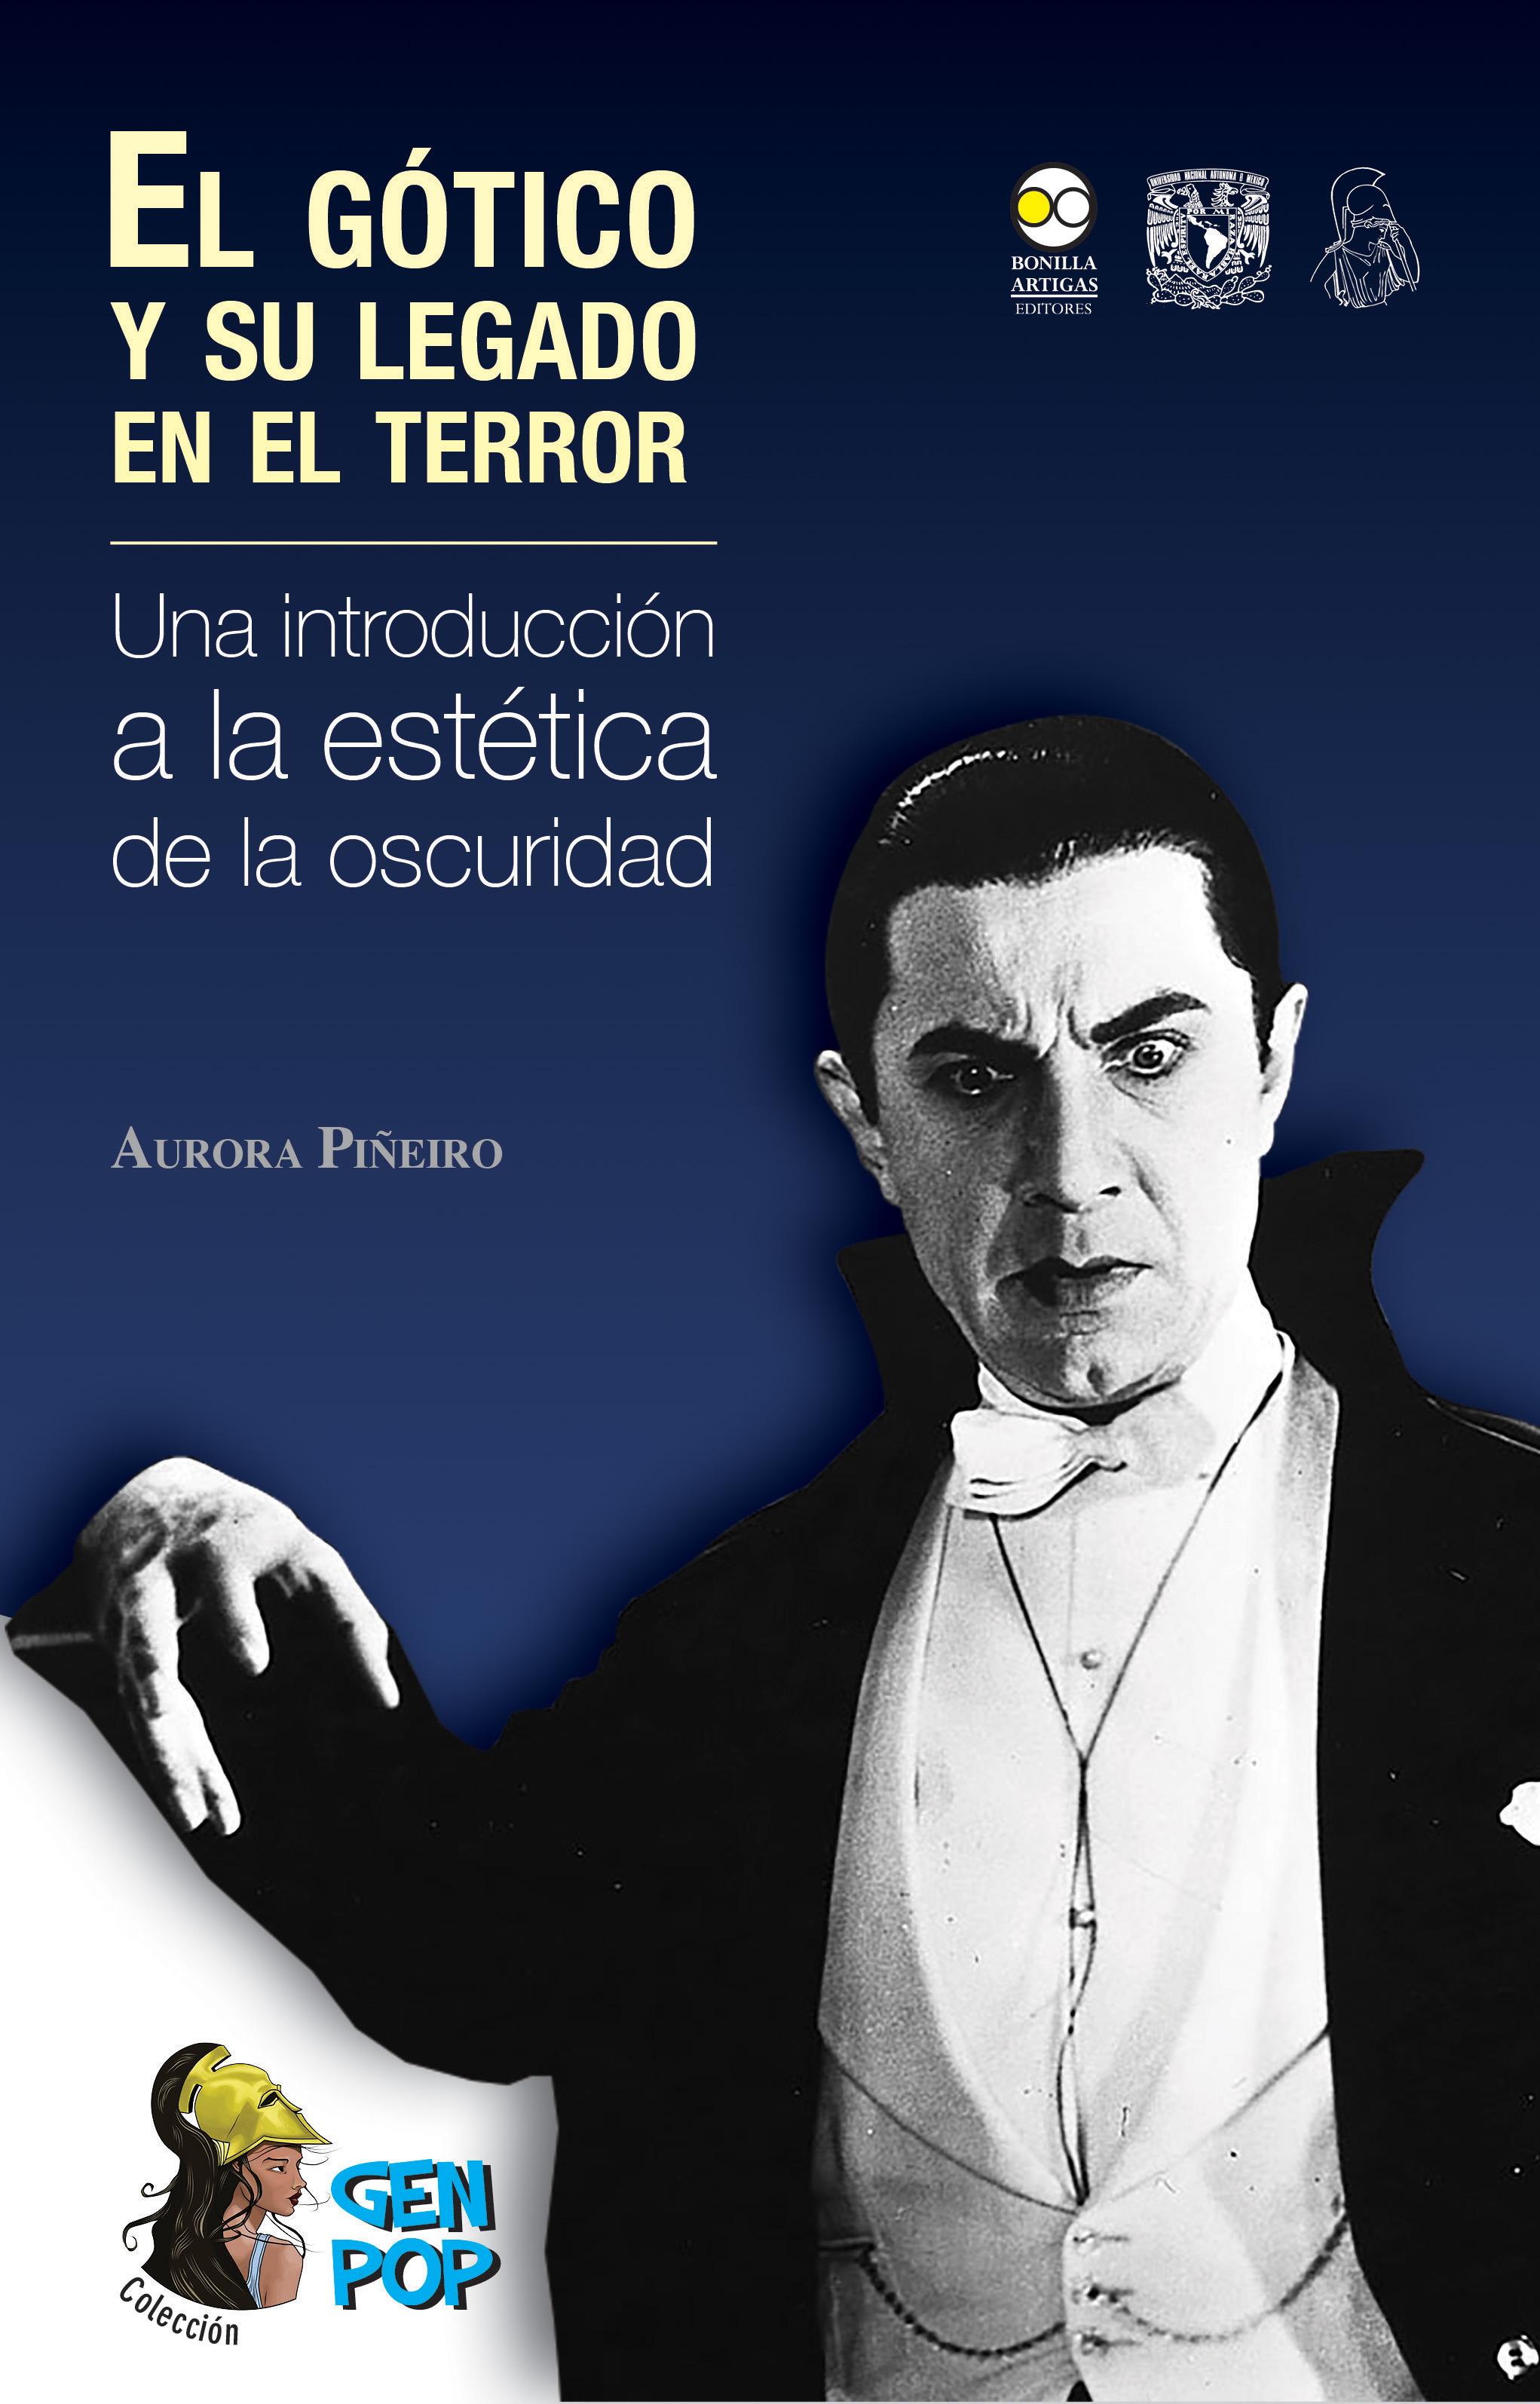 цена Aurora Piñeiro El gótico y su legado en el terror